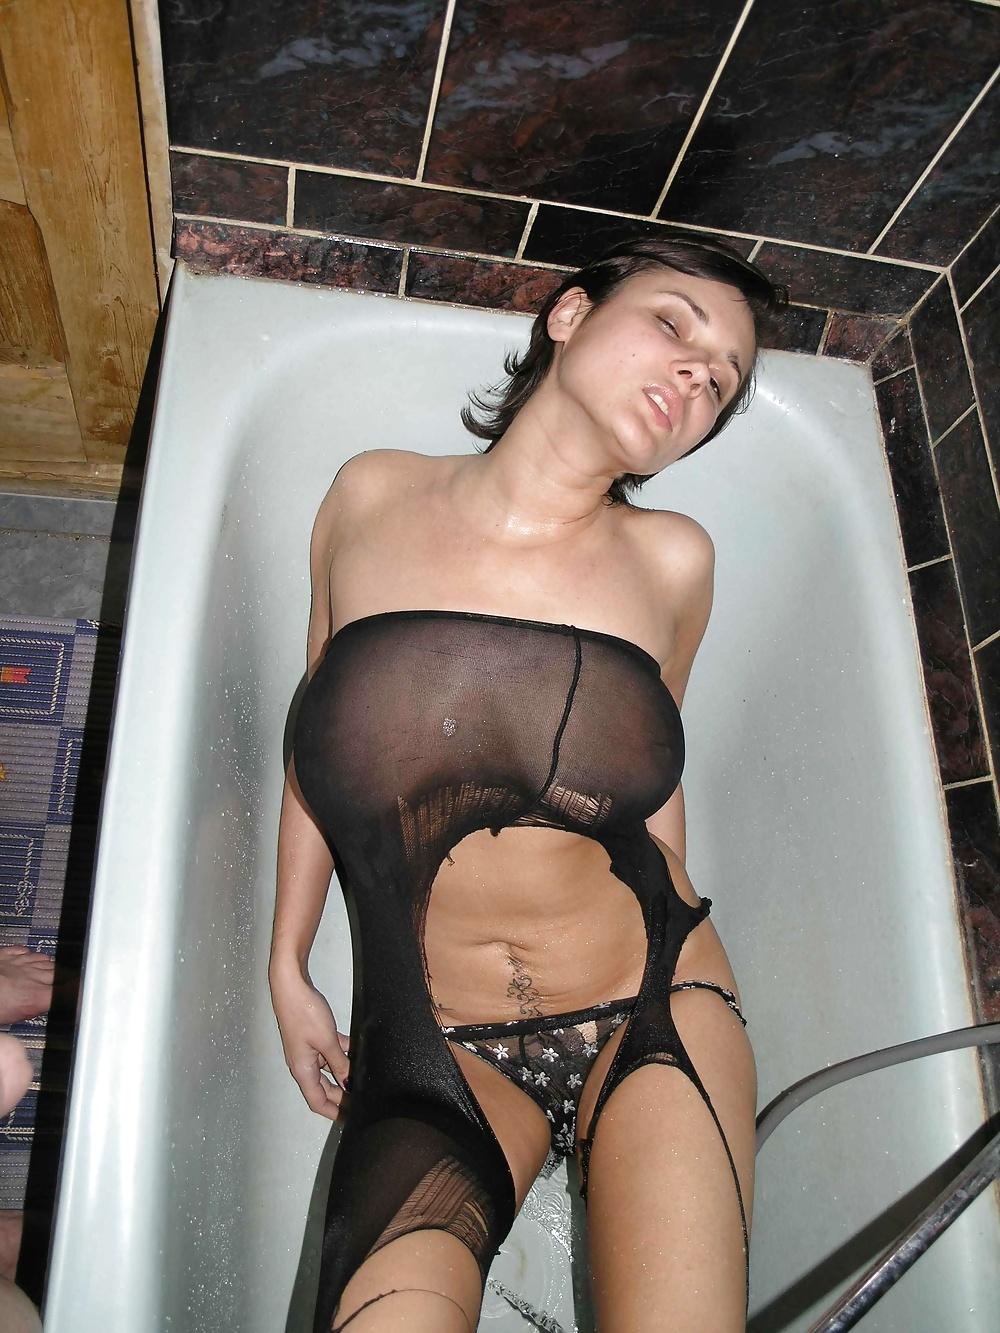 Сисястая брюнетка купается в ванне в порванных колготках